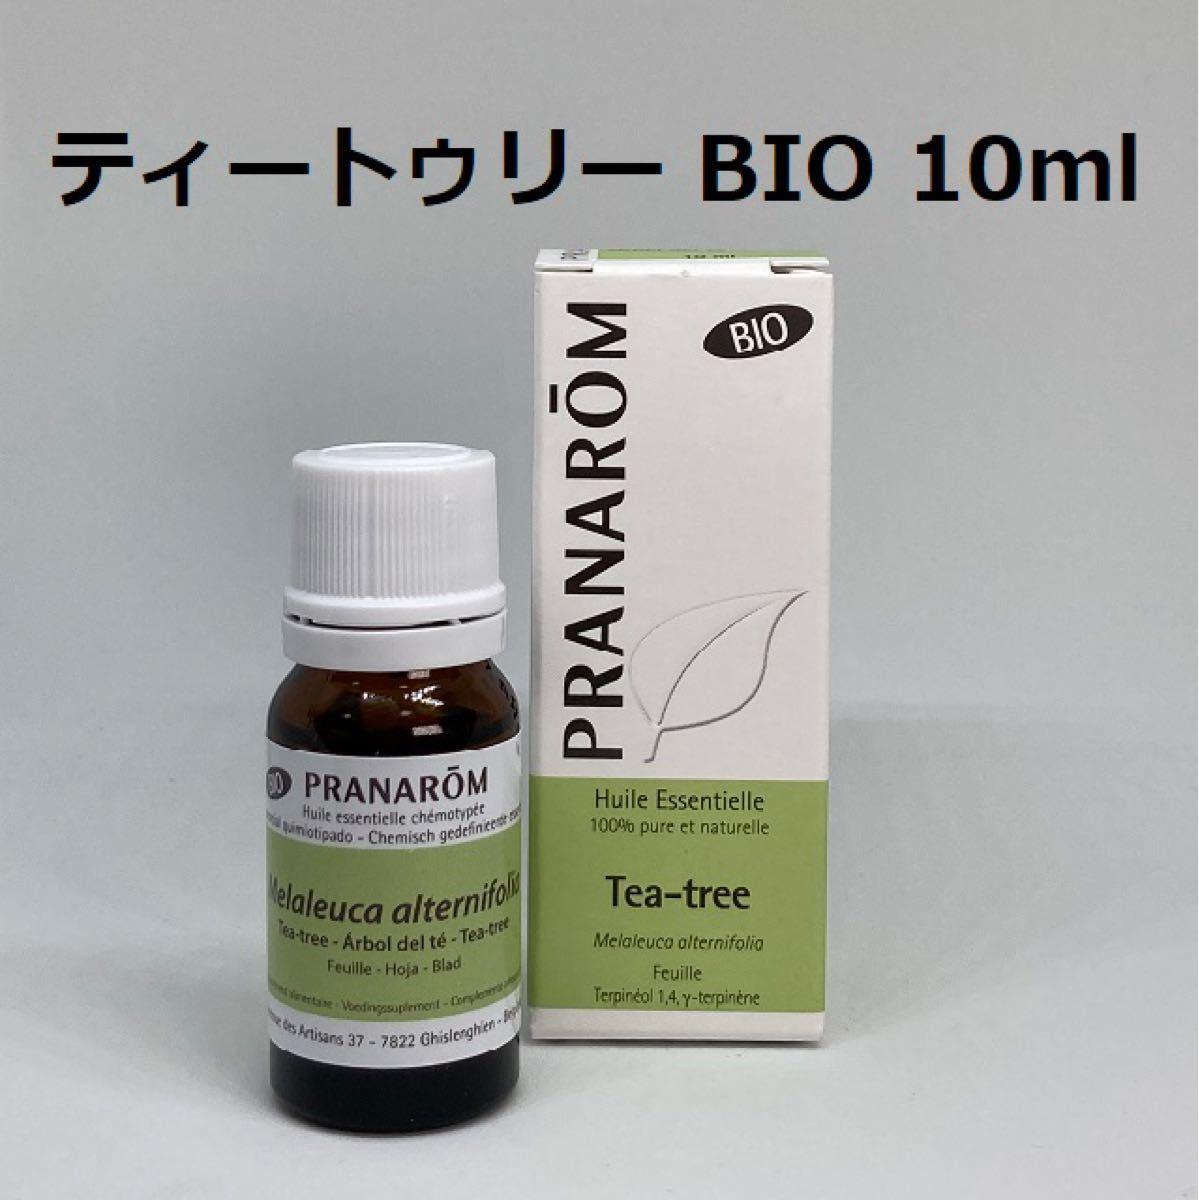 プラナロム ティートゥリー BIO 10ml  ティーツリー 精油 アロマオイル pranarom